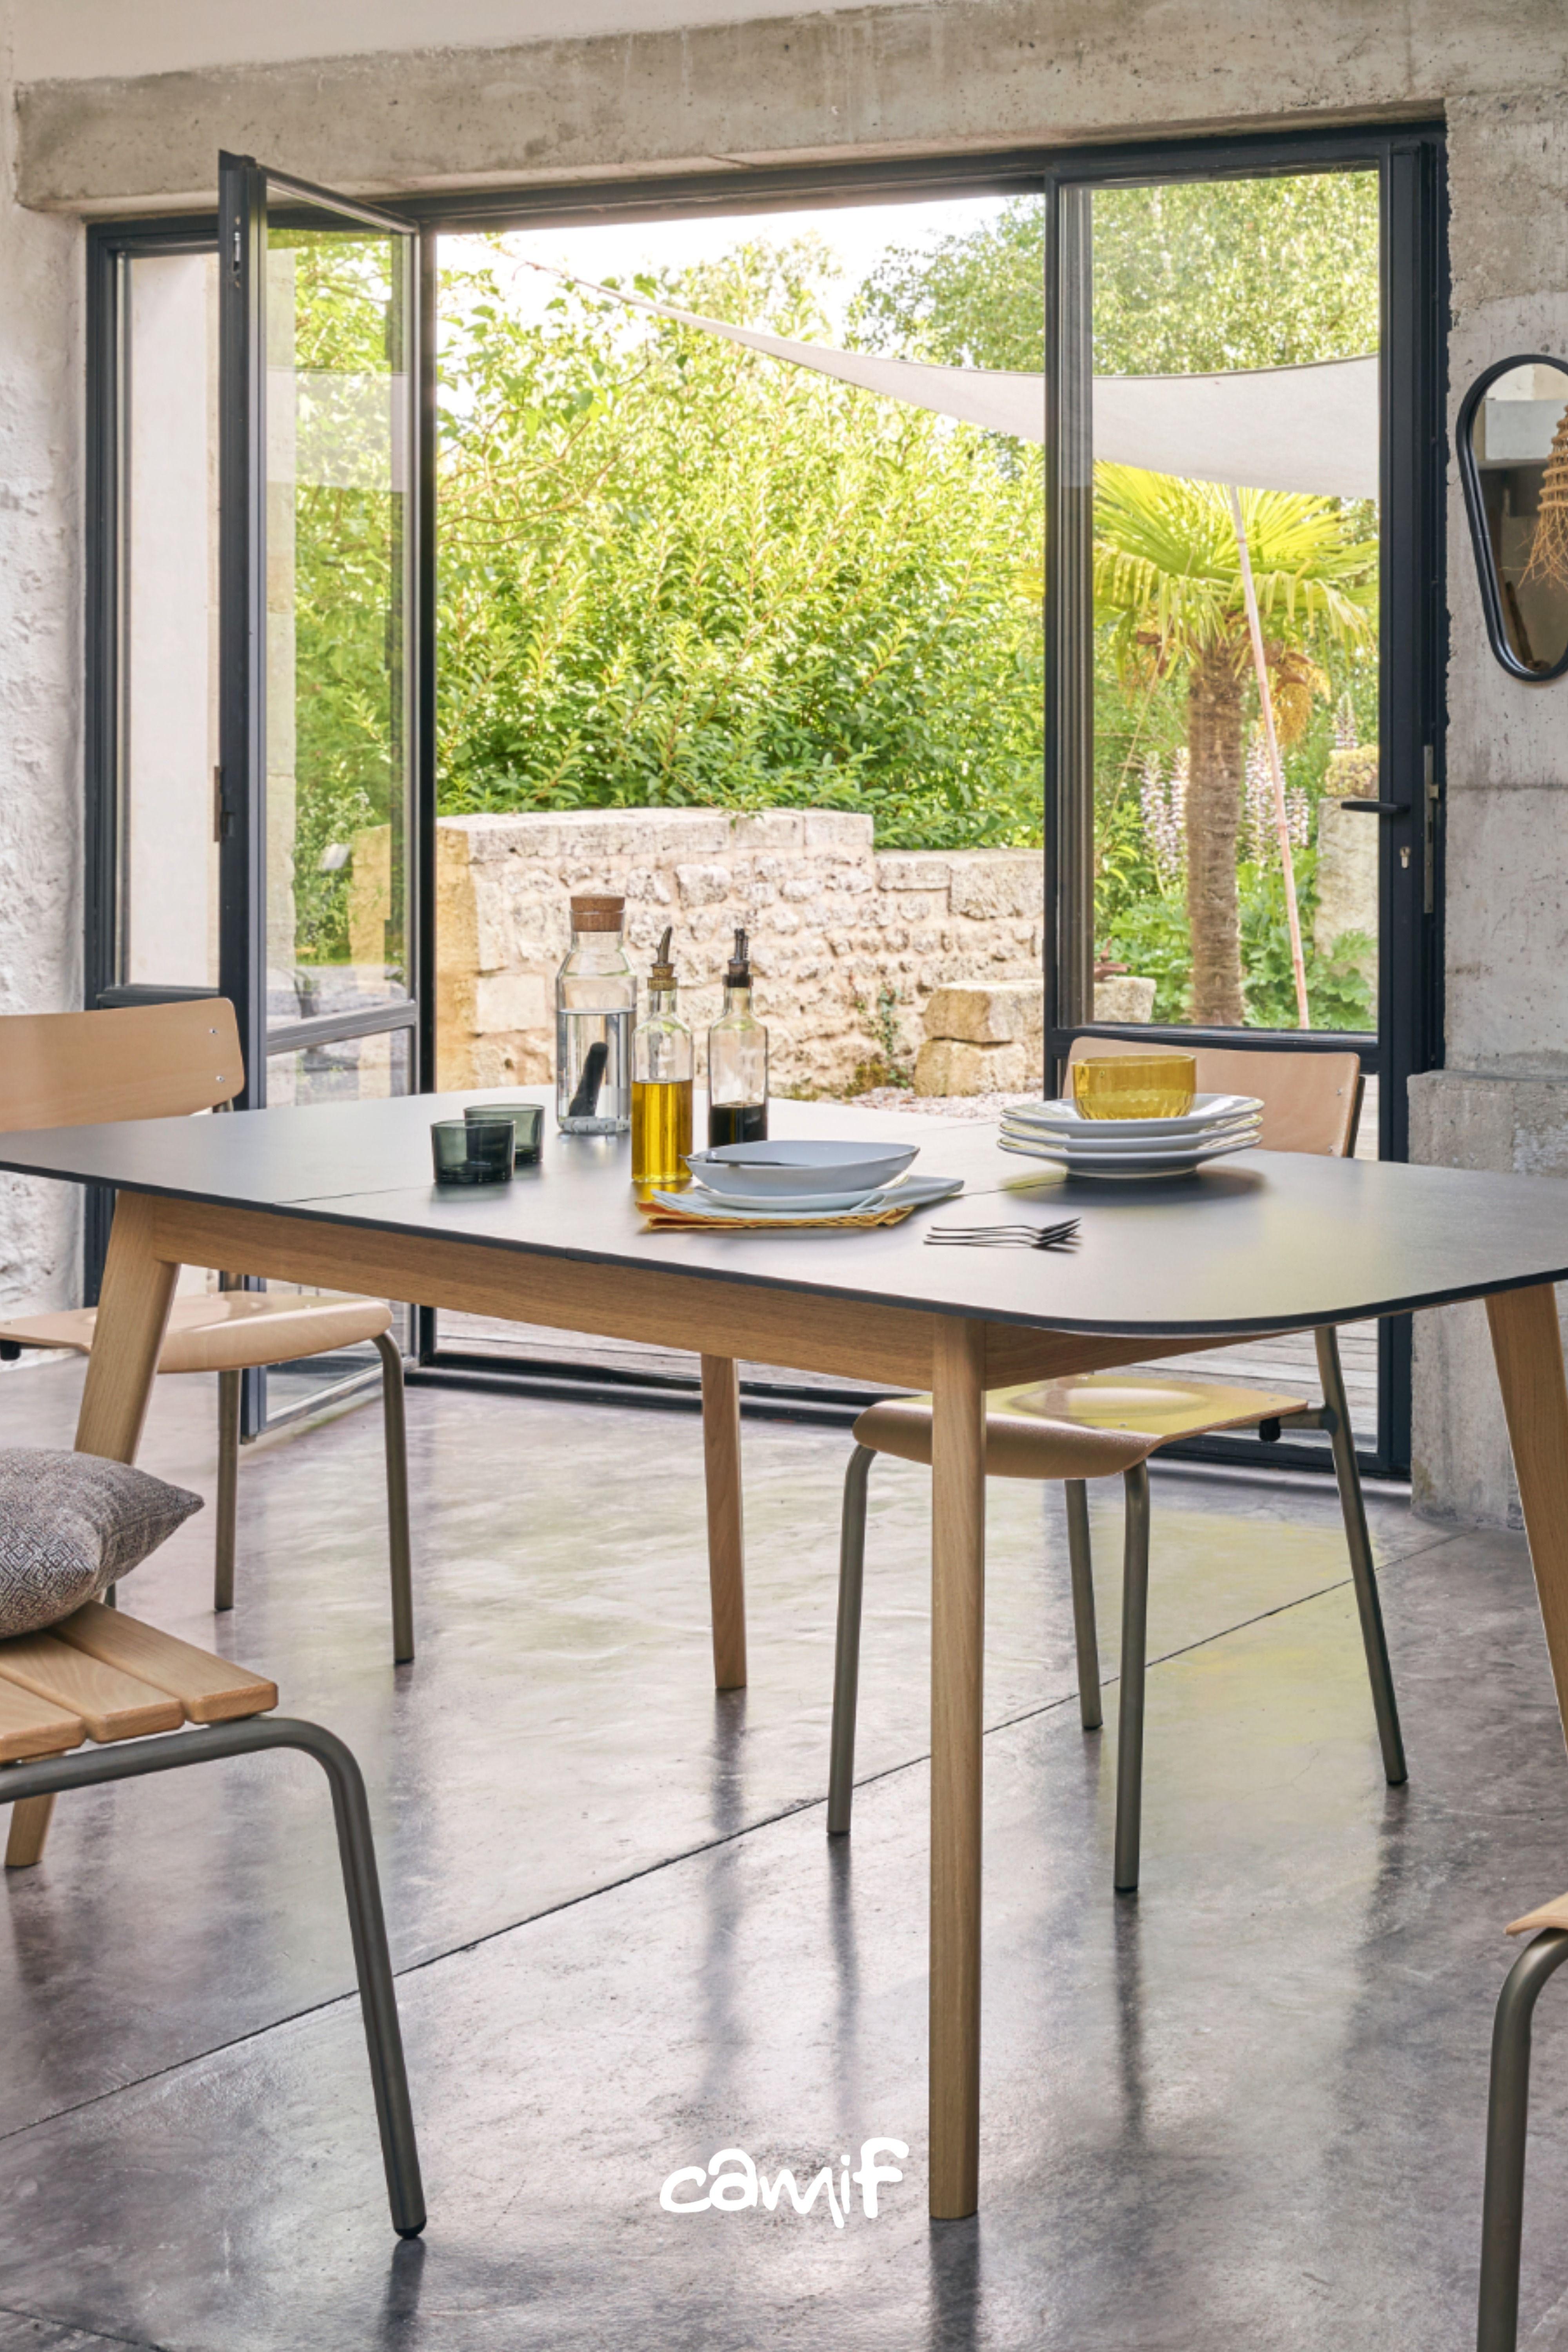 Camif Table De Repas En Bois Fume En 2020 Salle A Manger Veranda Mobilier De France Table Repas